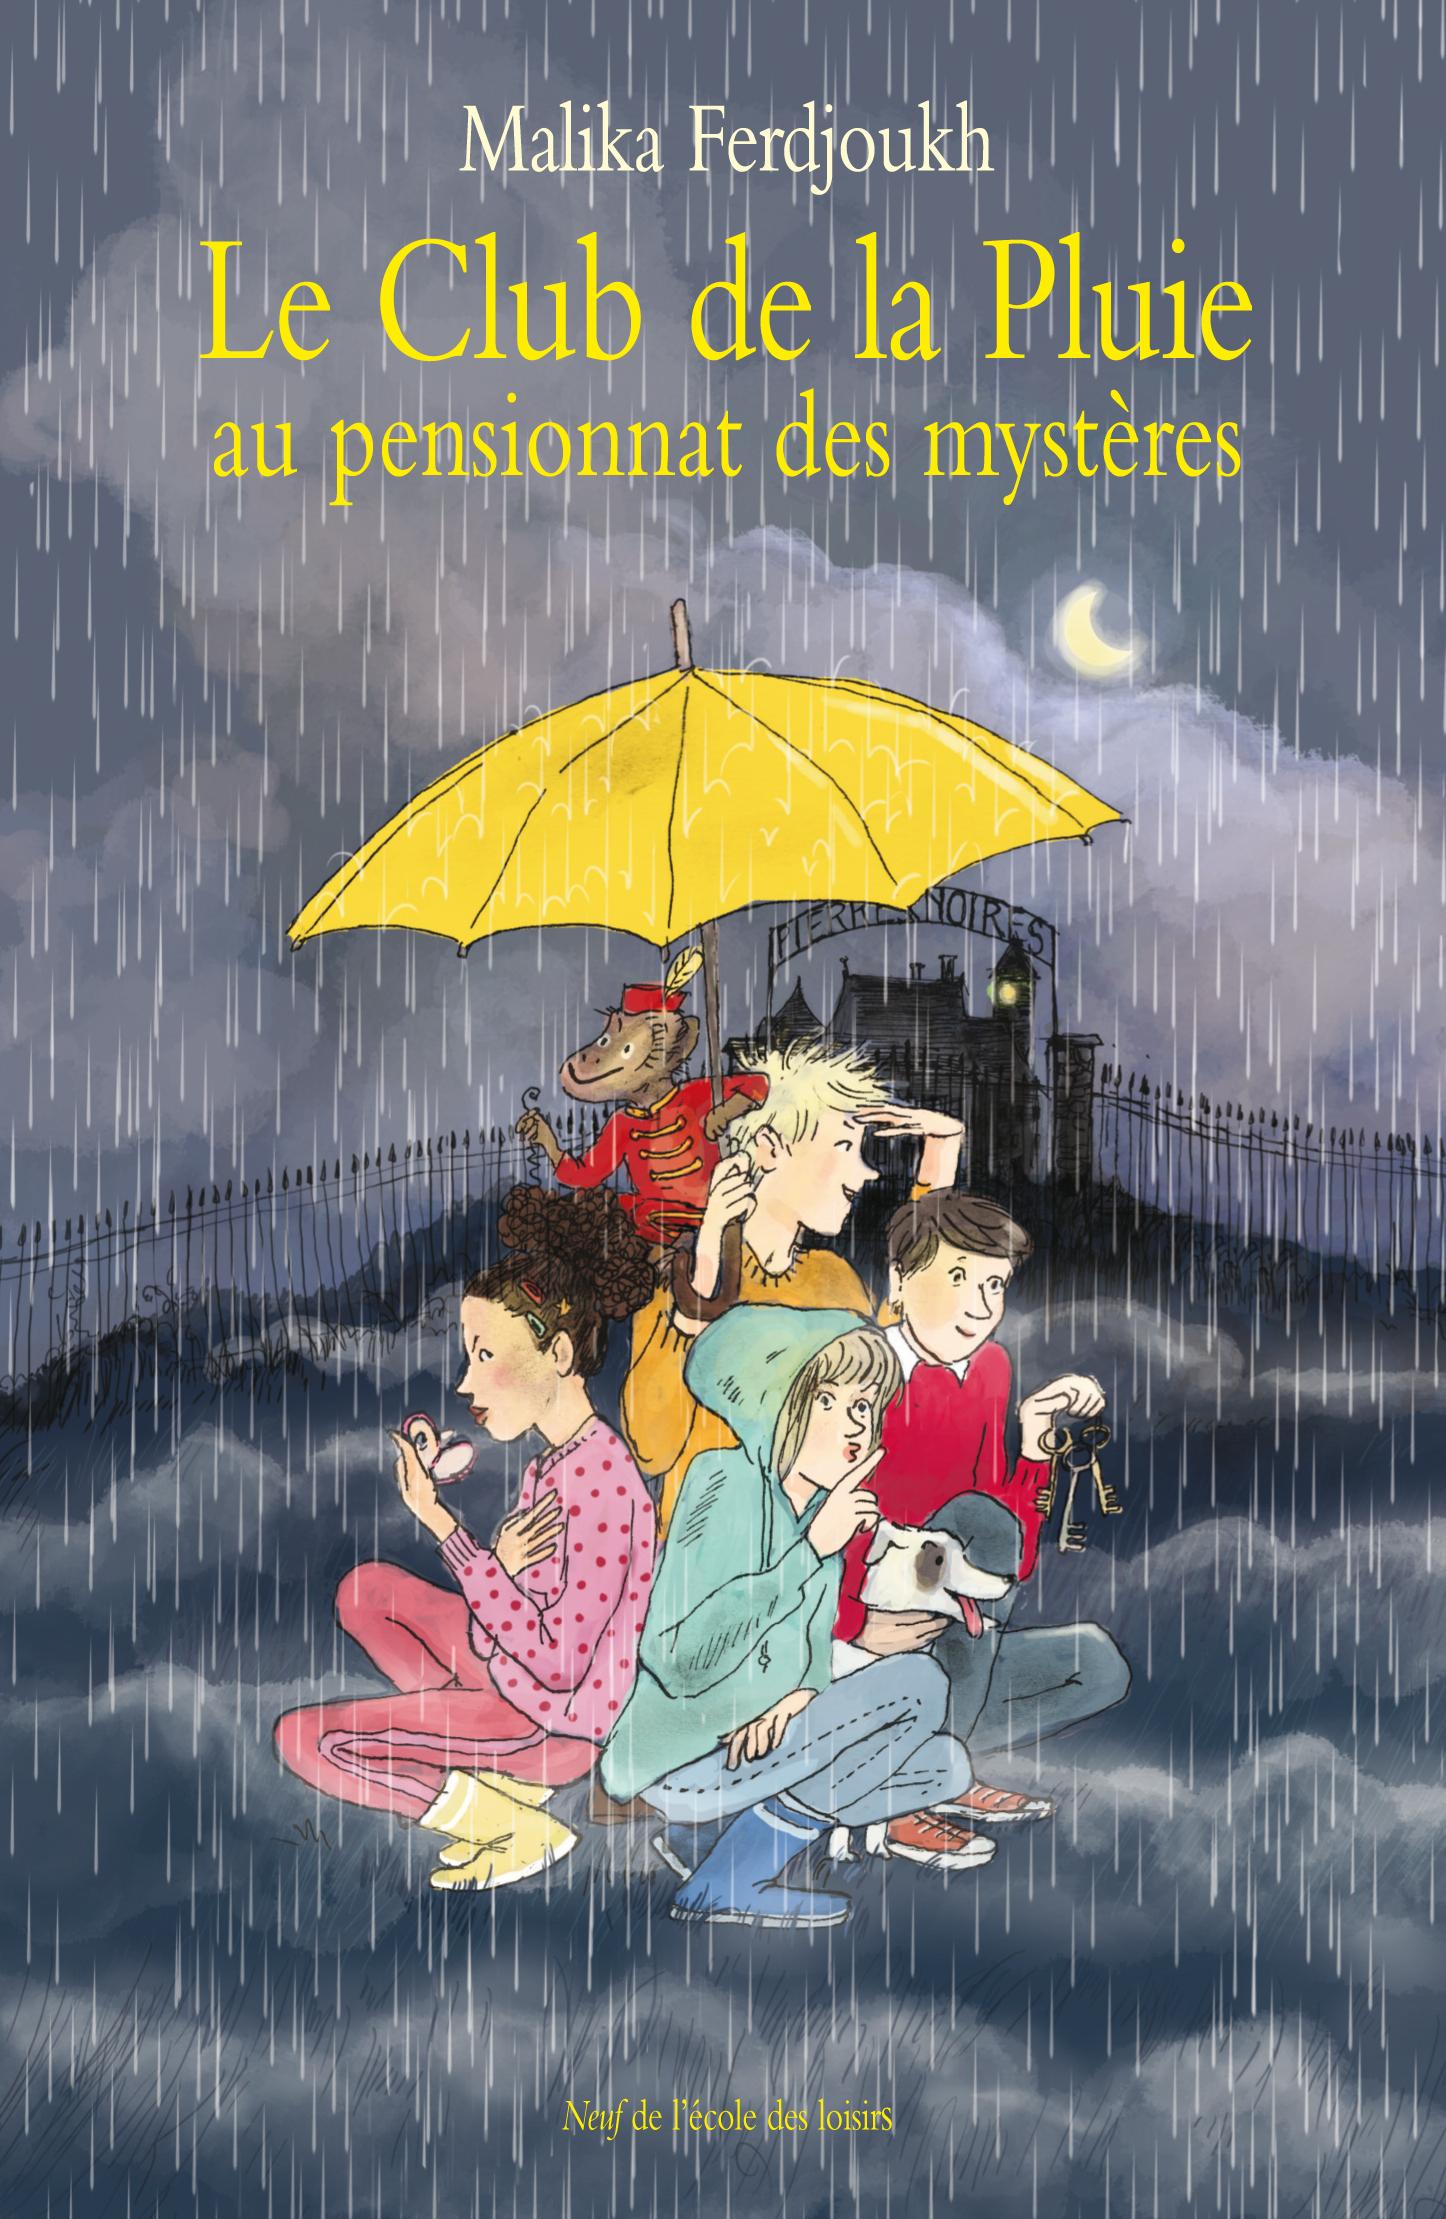 Le club de La pluie